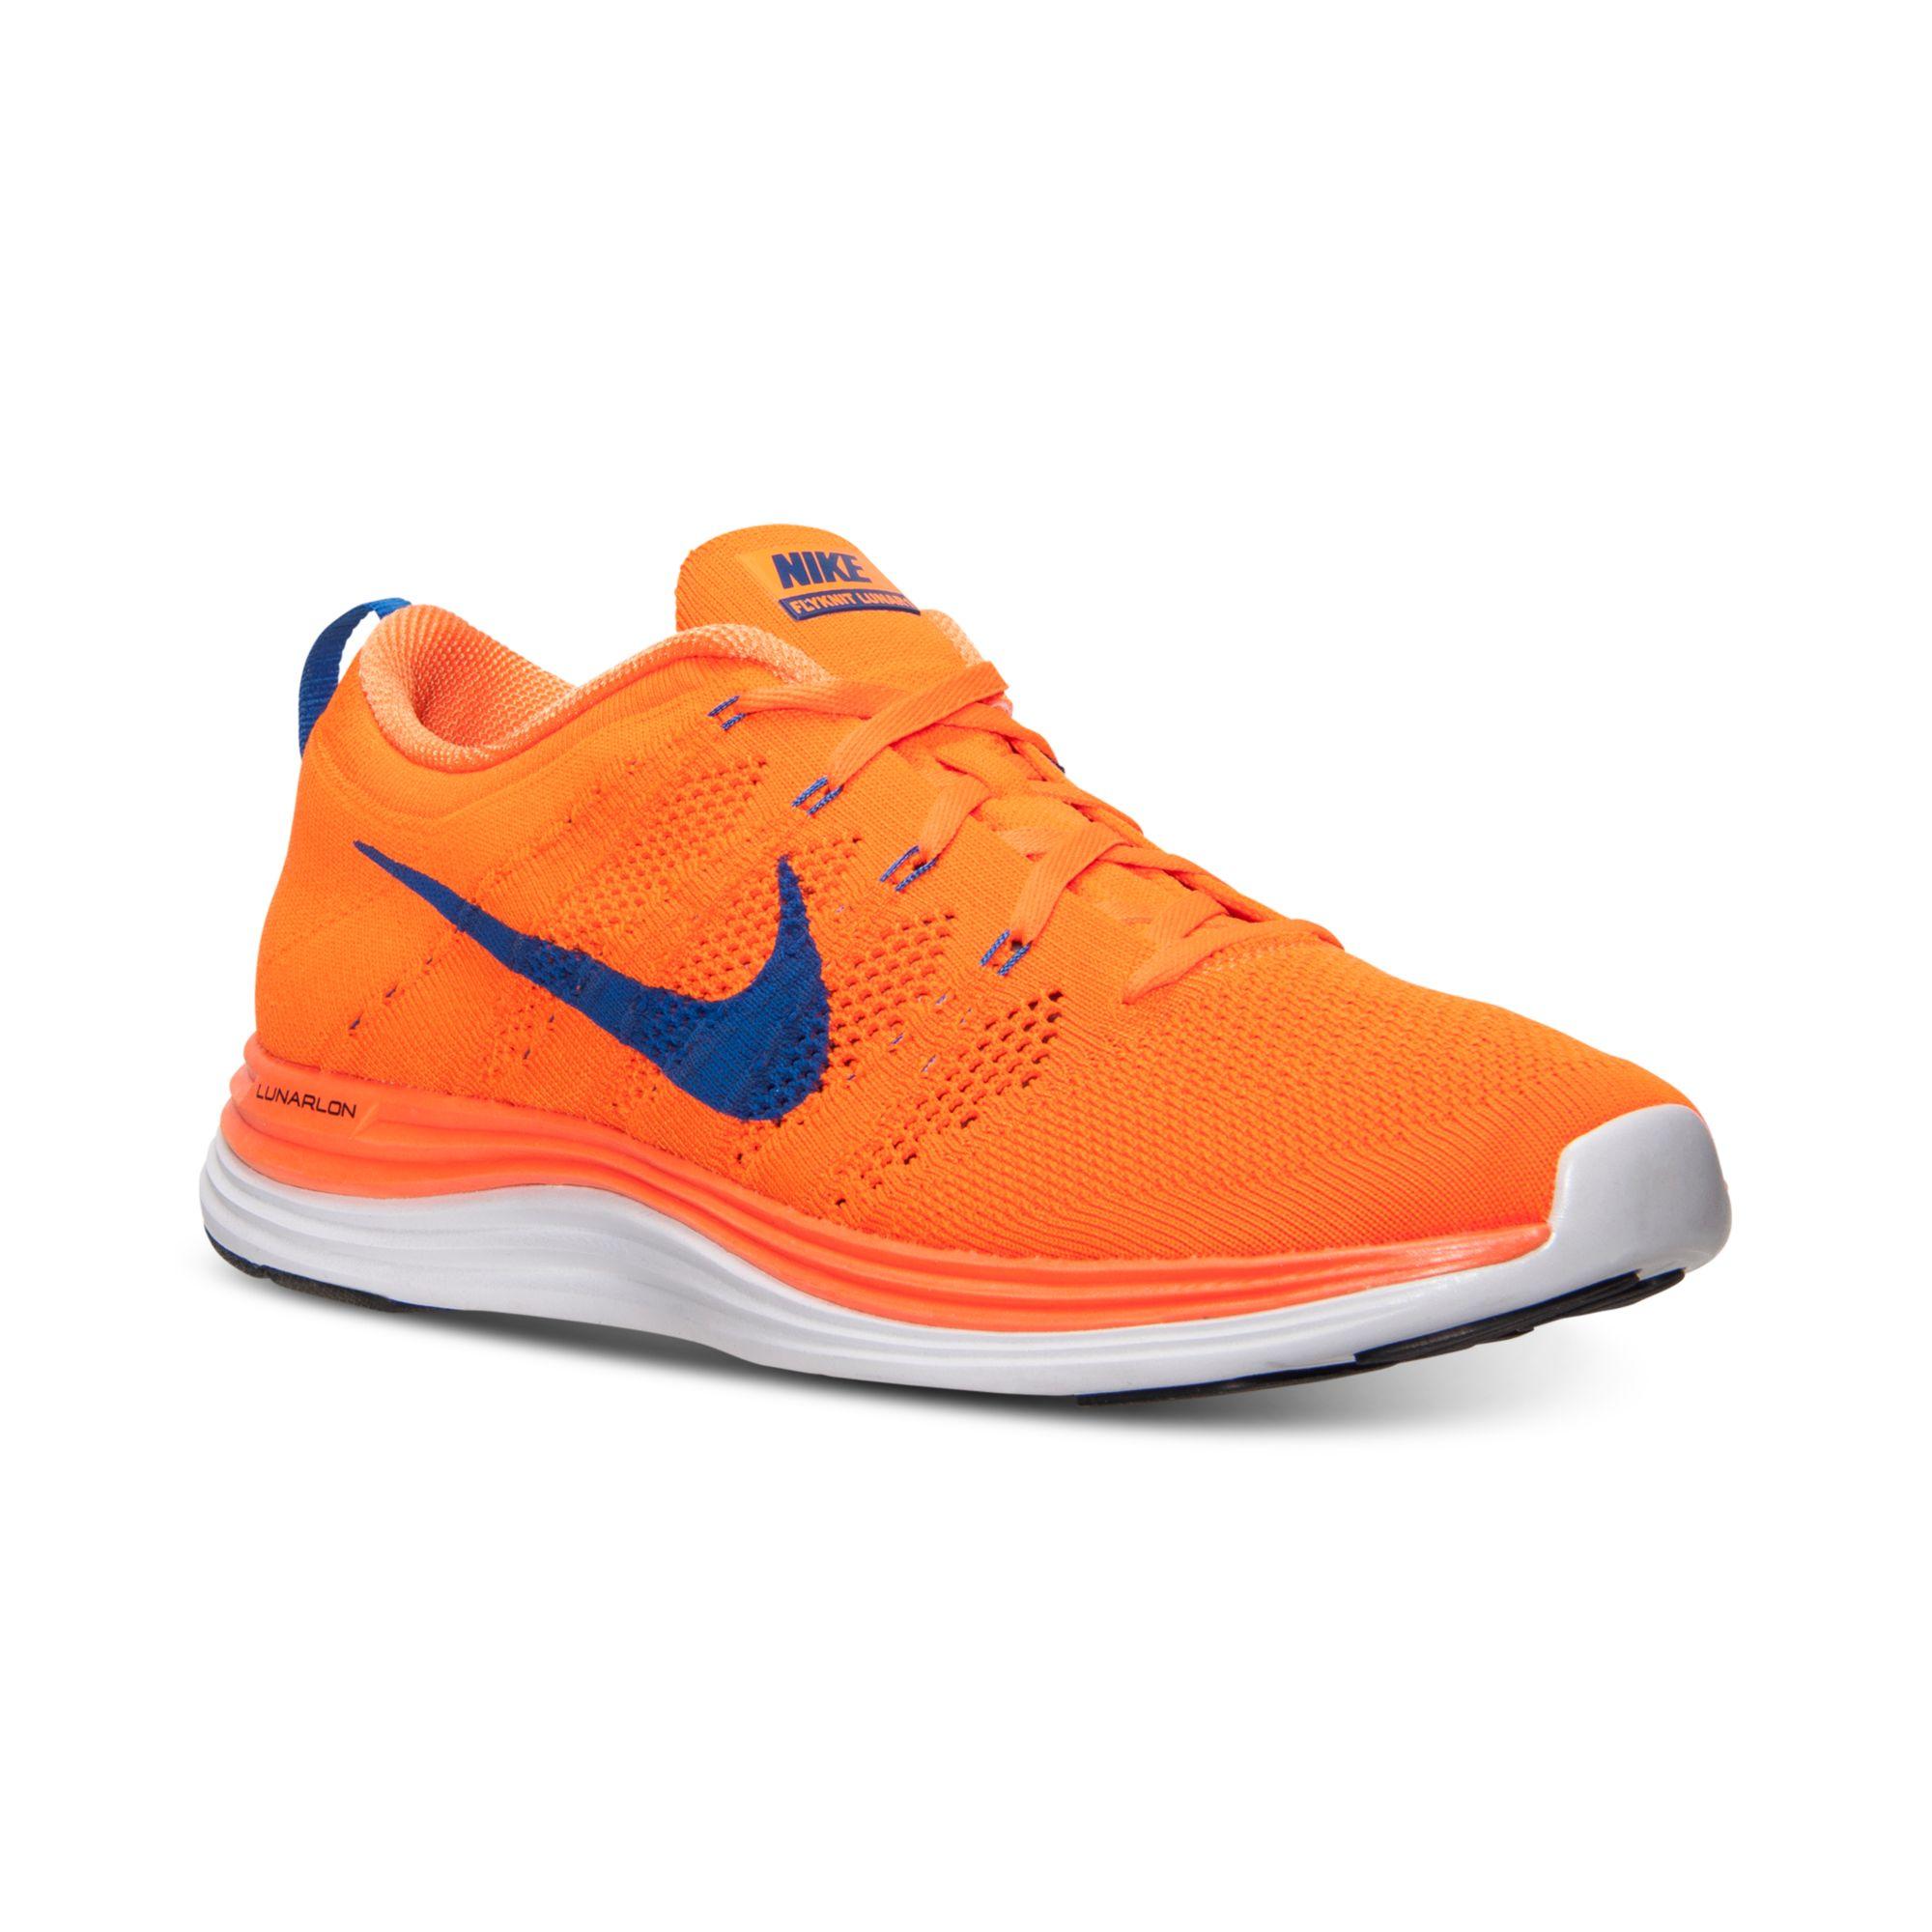 Nike Hommes Flyknit Lunaires 1 Chaussures De Course À Partir De La Ligne Darrivée